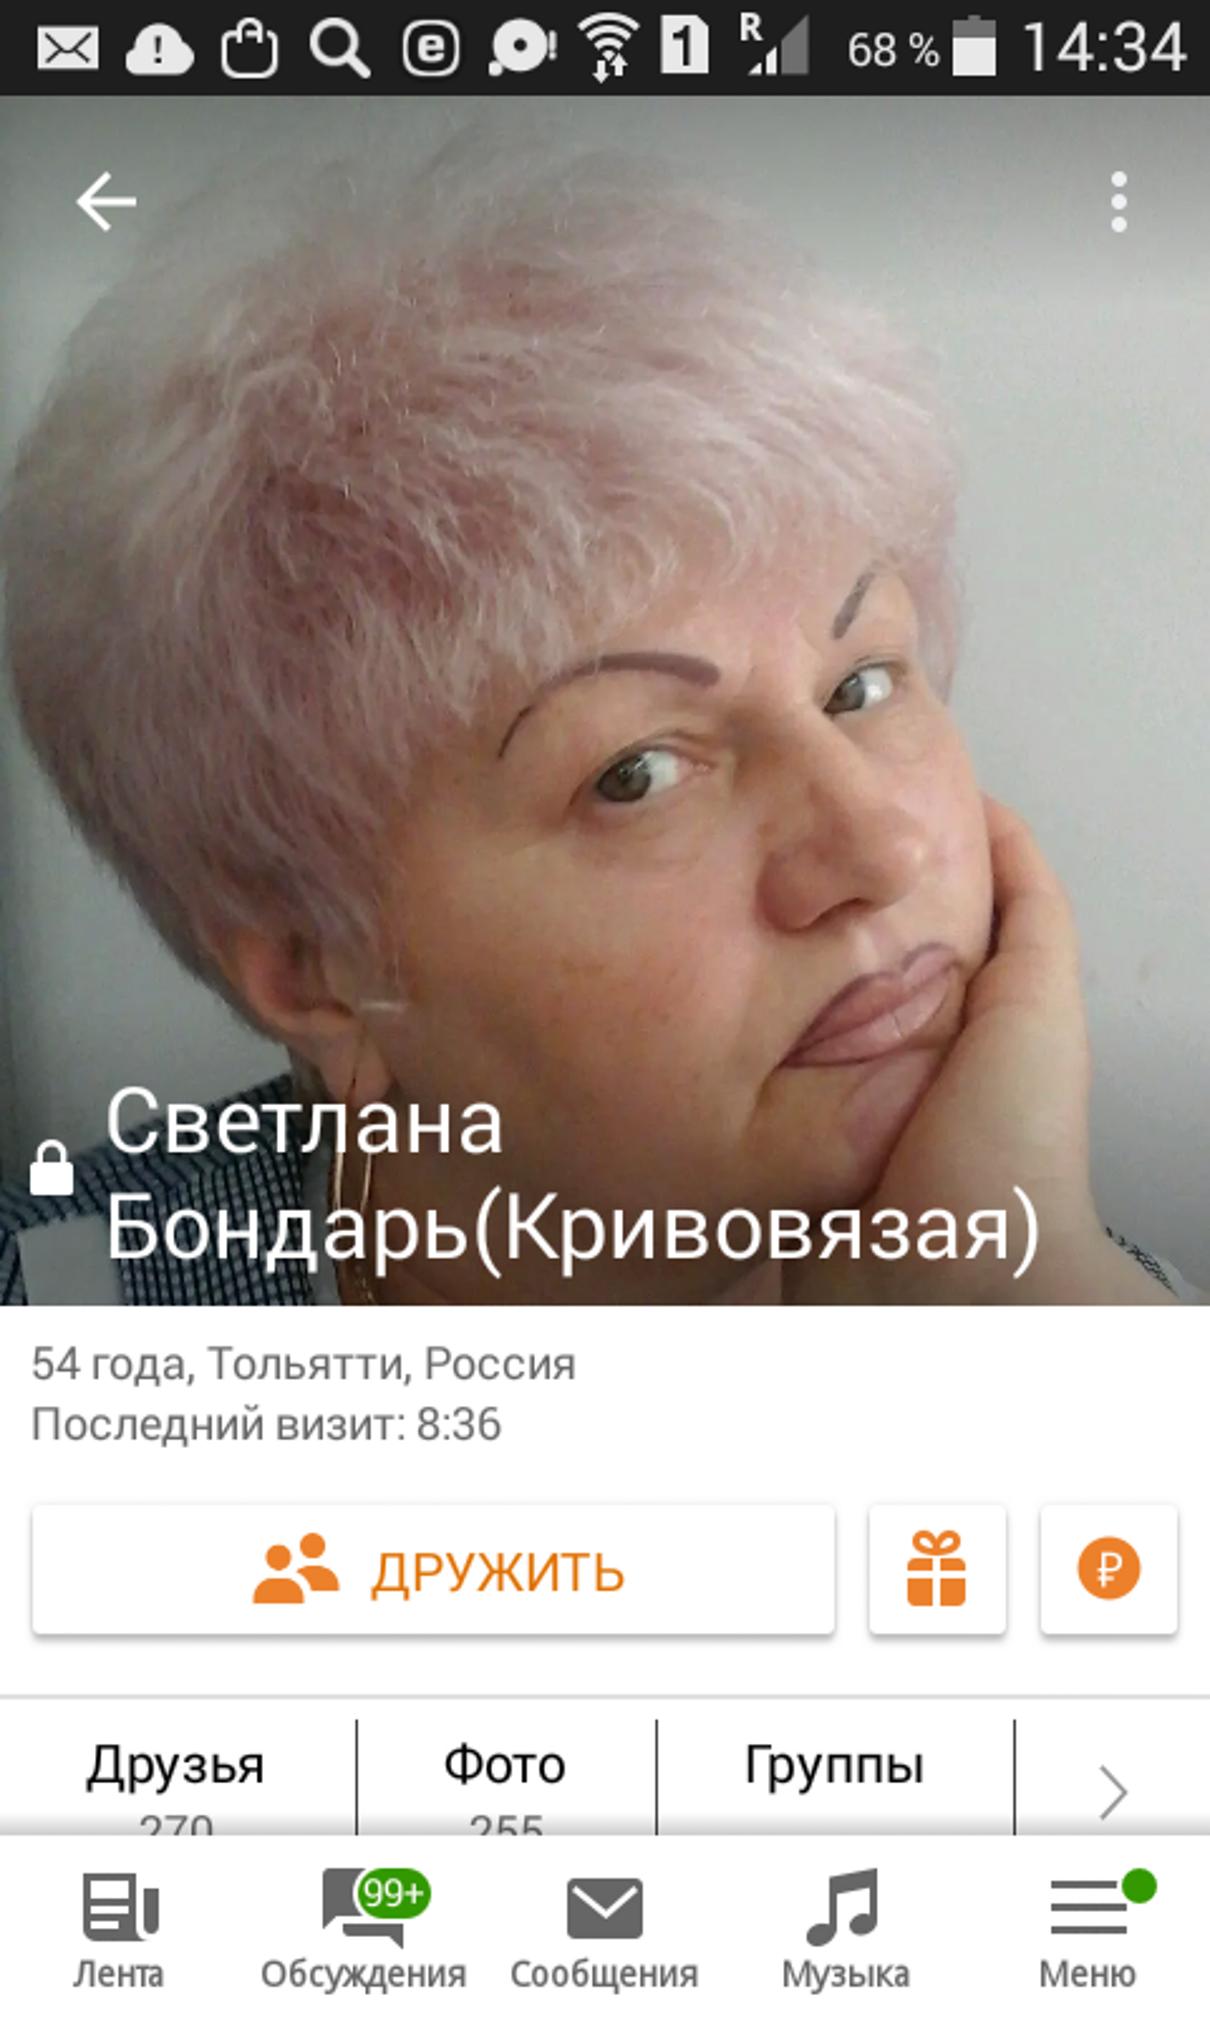 Жалоба-отзыв: Бондарь Светлана Петровна - Осторожно АФЕРИСТКА!!!.  Фото №1